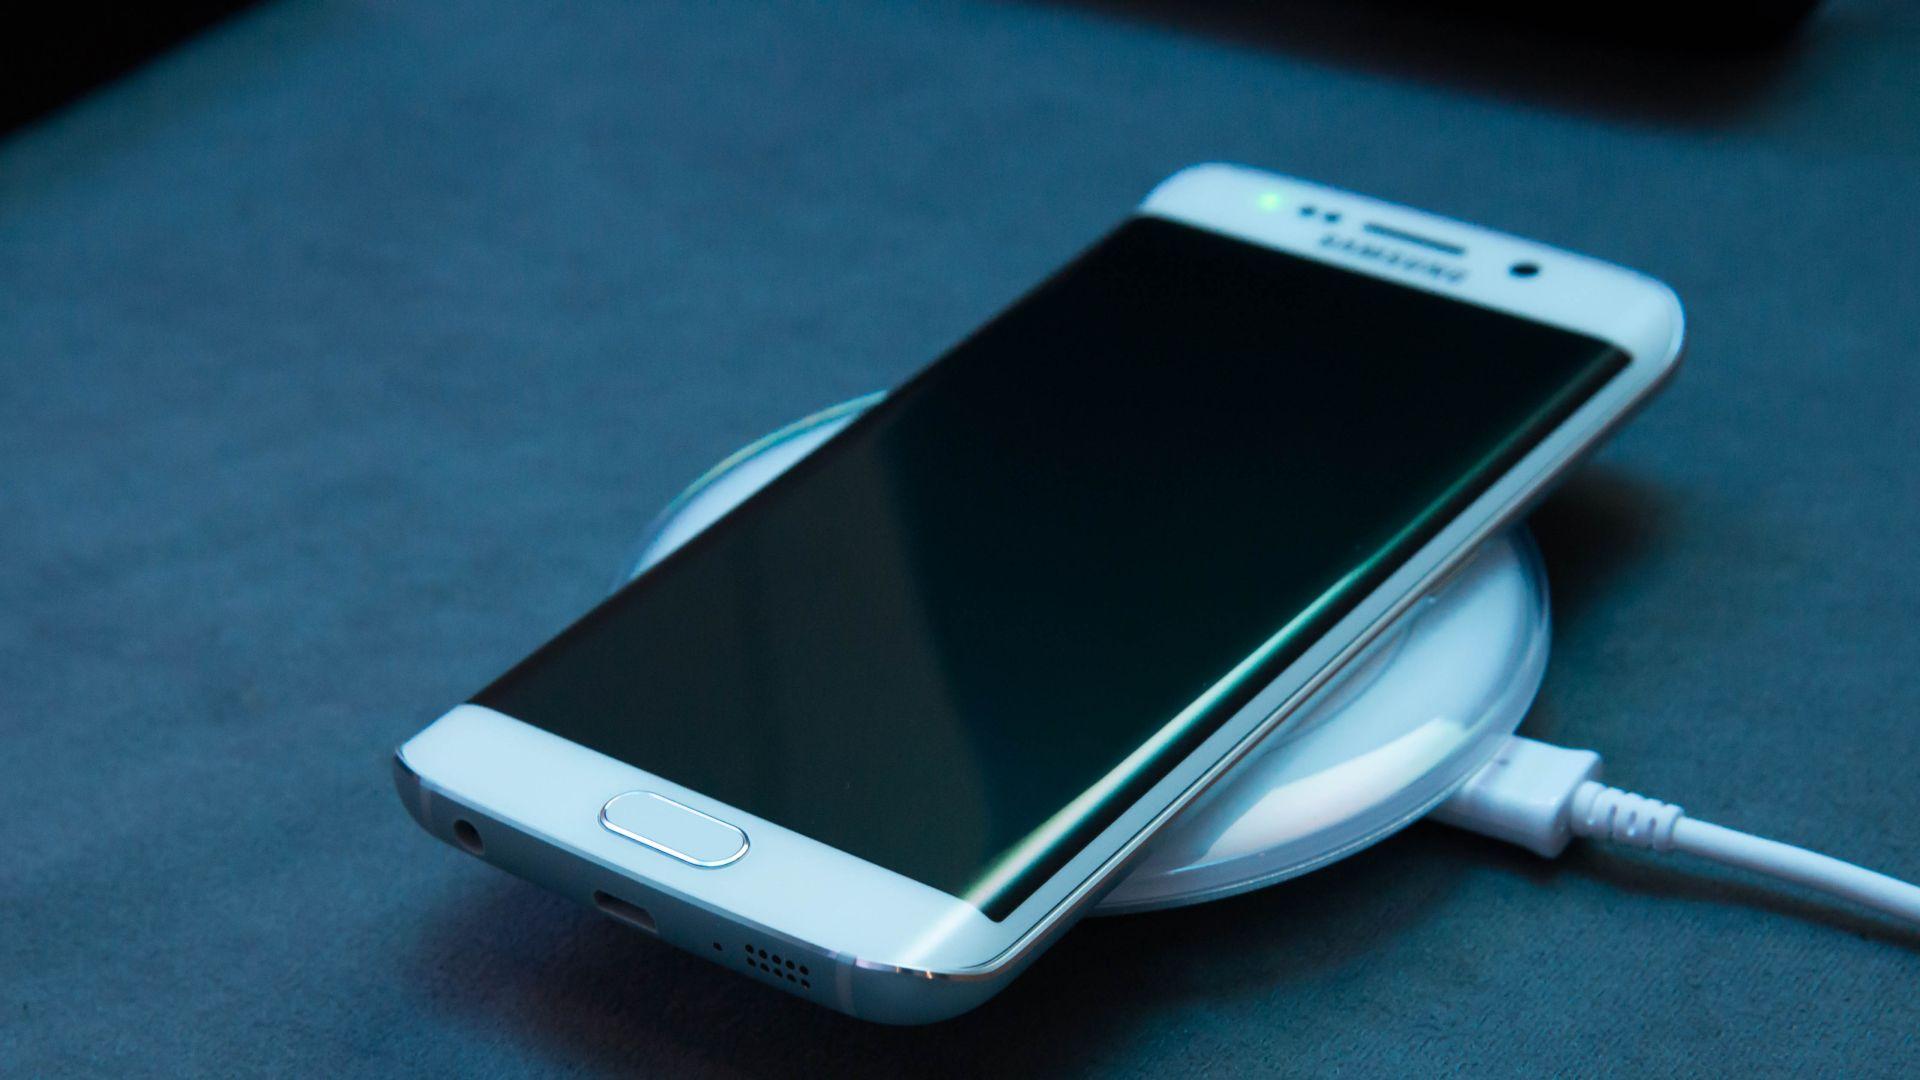 No es 1995. Estamos en el Siglo XXI. Donde los Smartphones se cargan de manera inalámbrica.